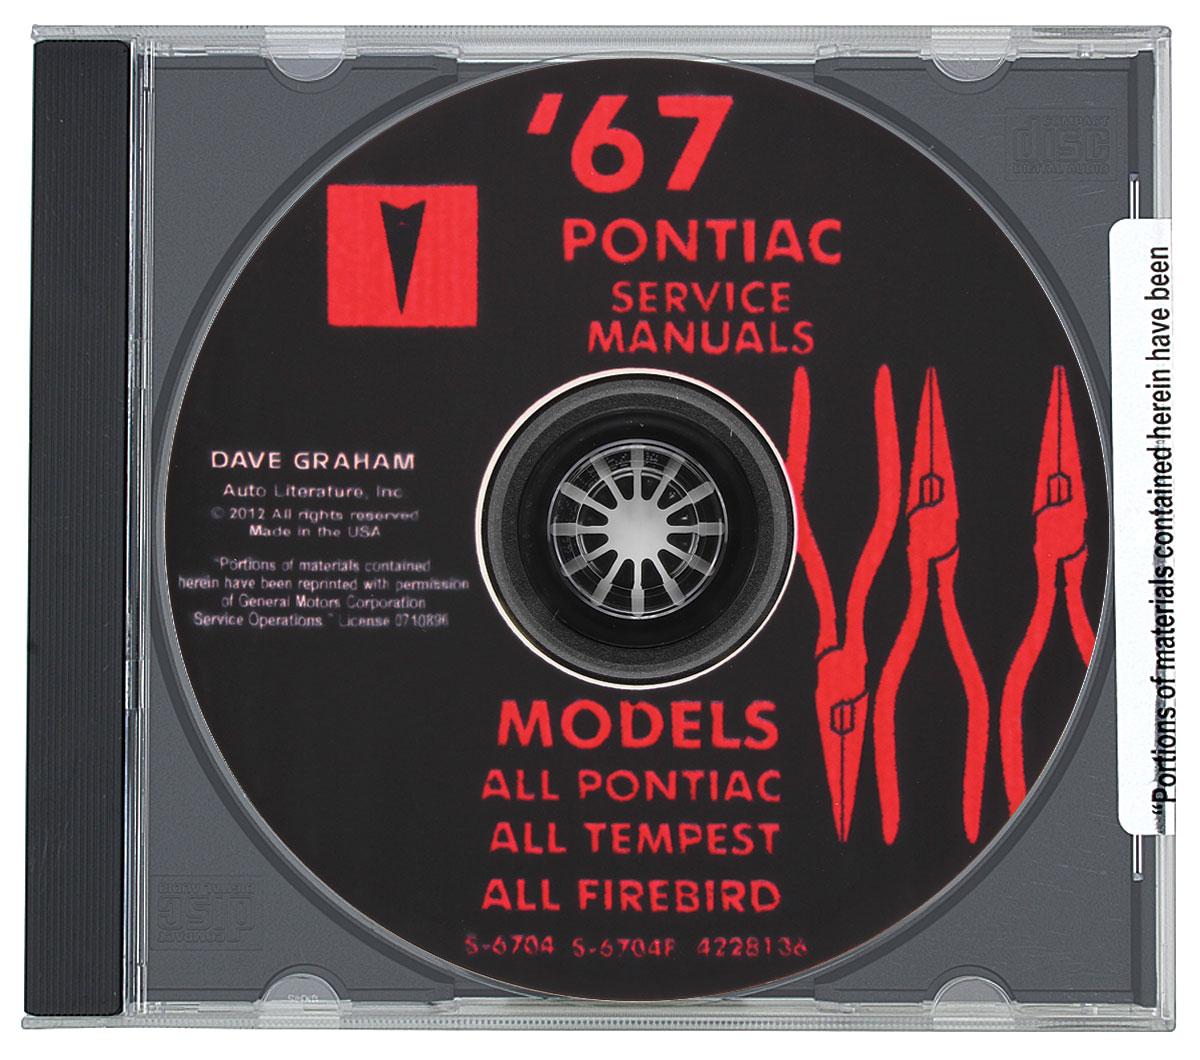 Factory Shop Manuals, CD-ROM, 1976 Bonneville/Catalina/Grand Prix